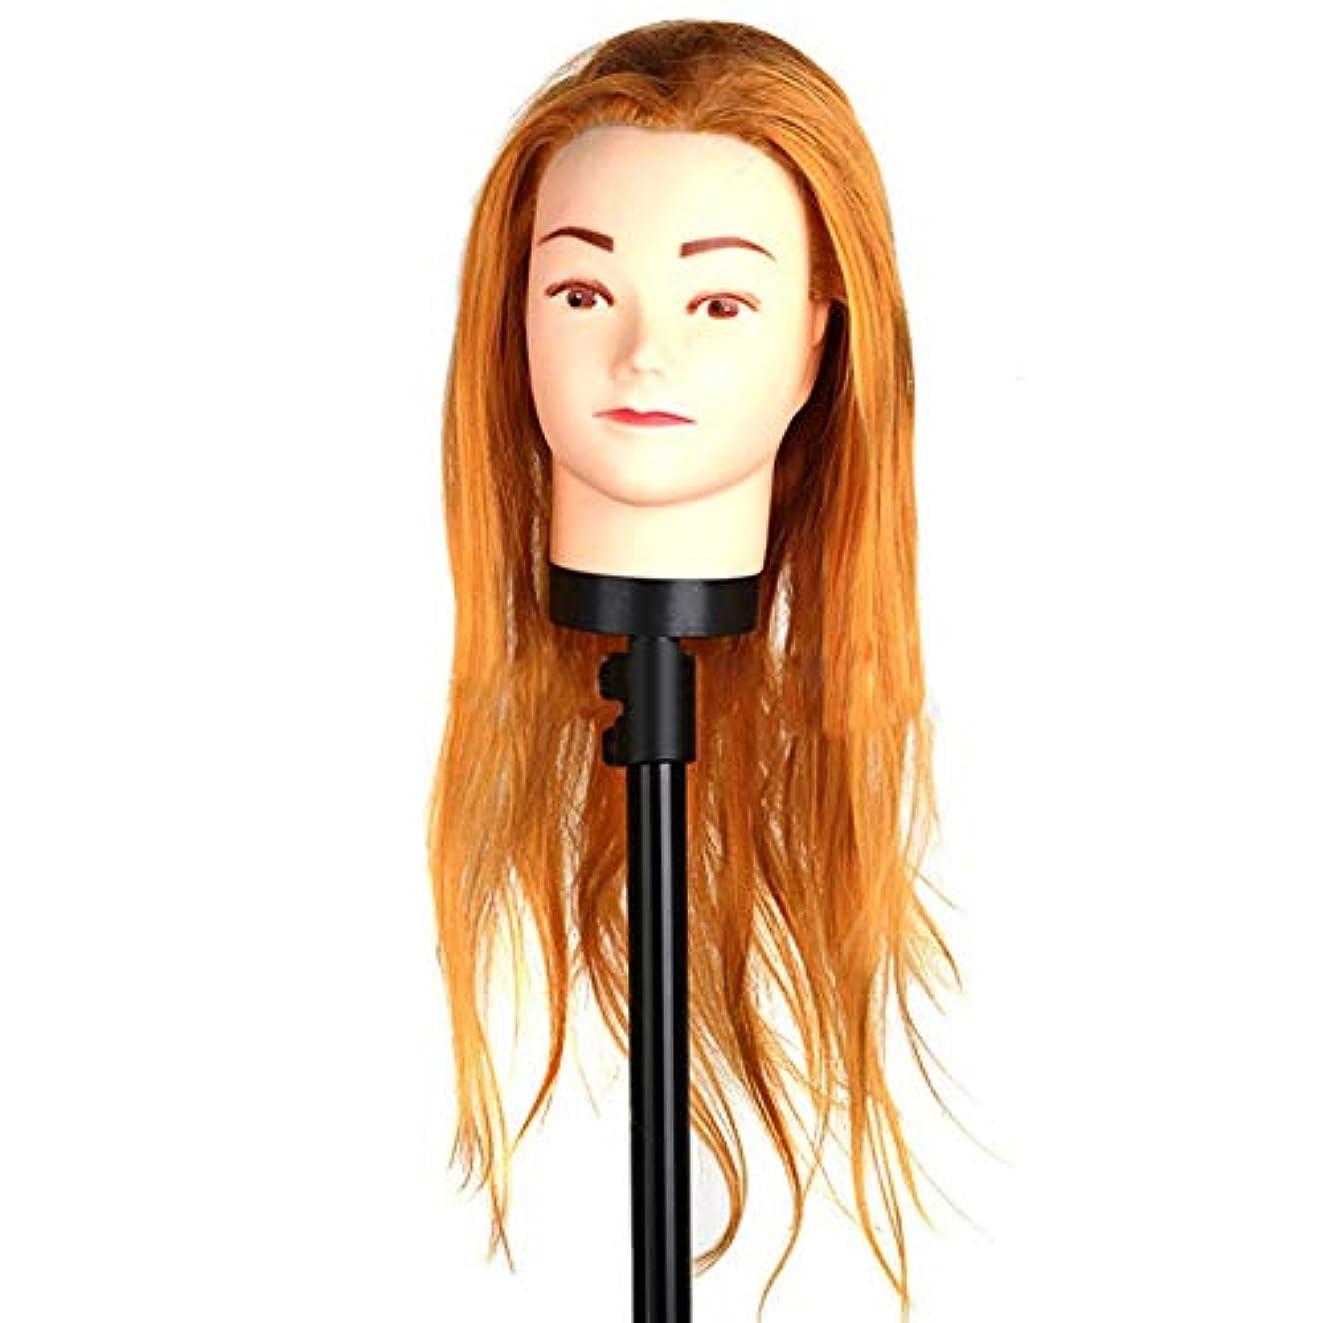 話すきつく一般的に言えば高温繊維かつらヘッドモールドメイクヘアスタイリングヘッドヘアーサロントレーニング学習ヘアカットデュアルユースダミー人間の頭